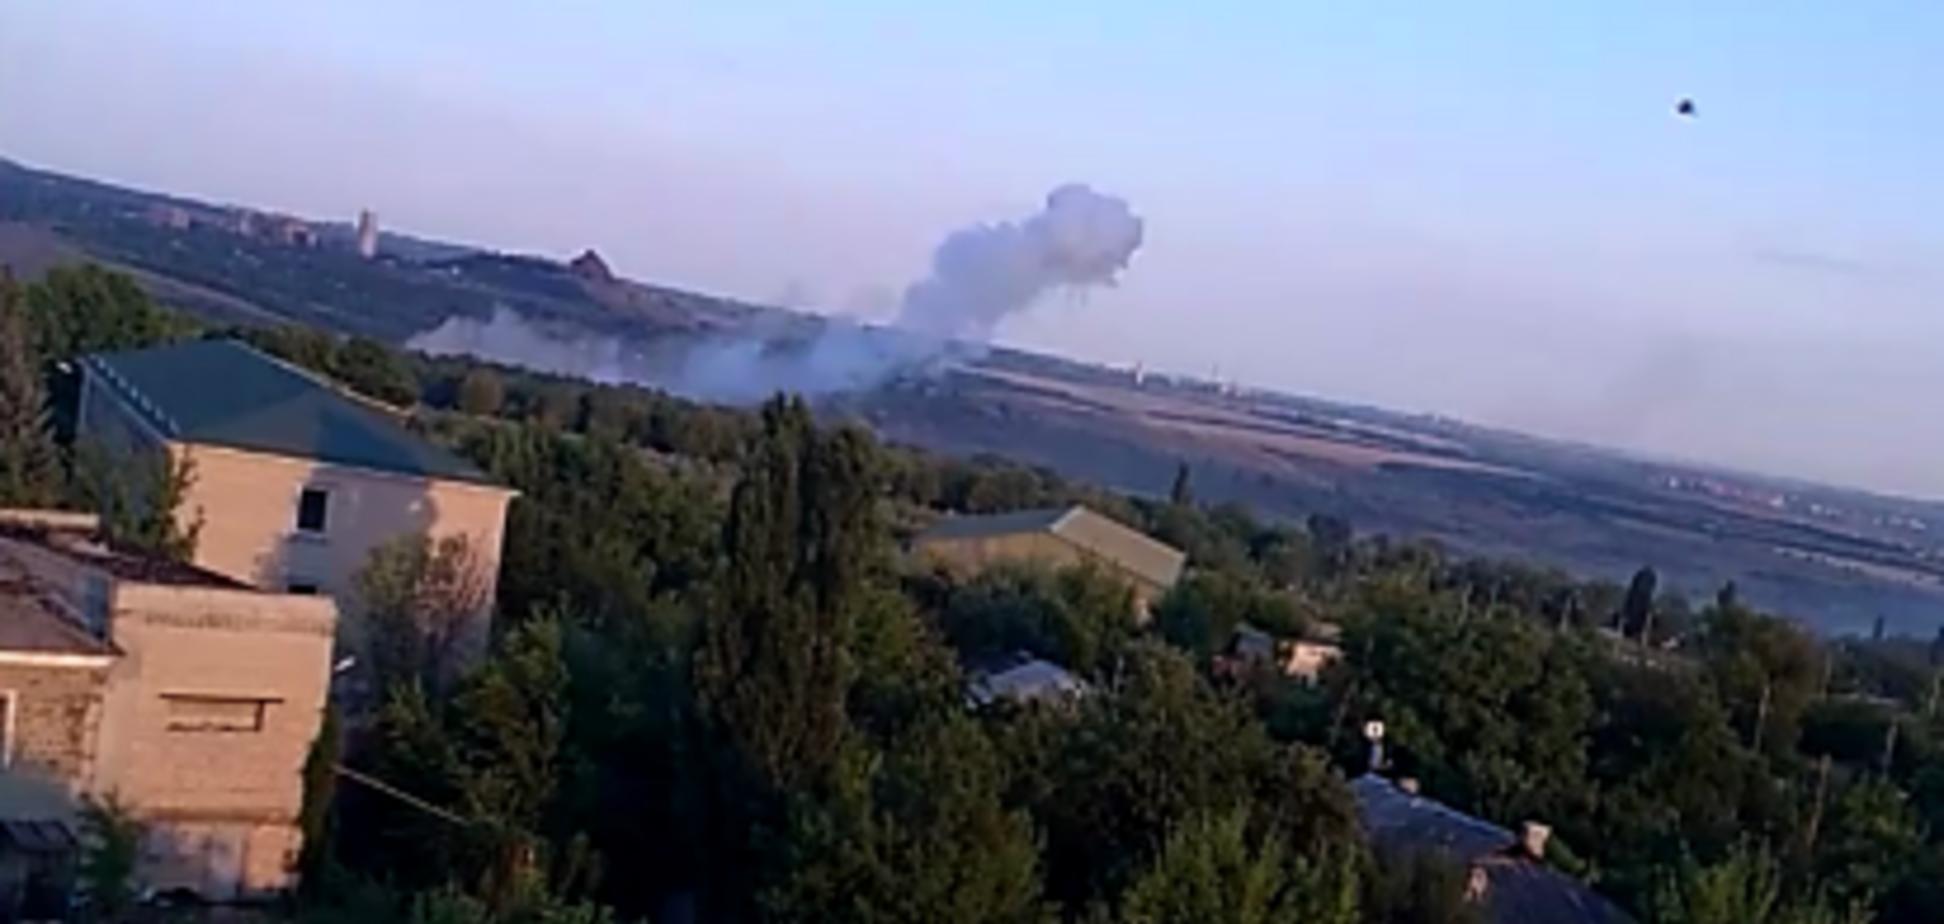 В 'ЛНР' заявили об обстреле Первомайска: есть погибшие и раненные. Видео